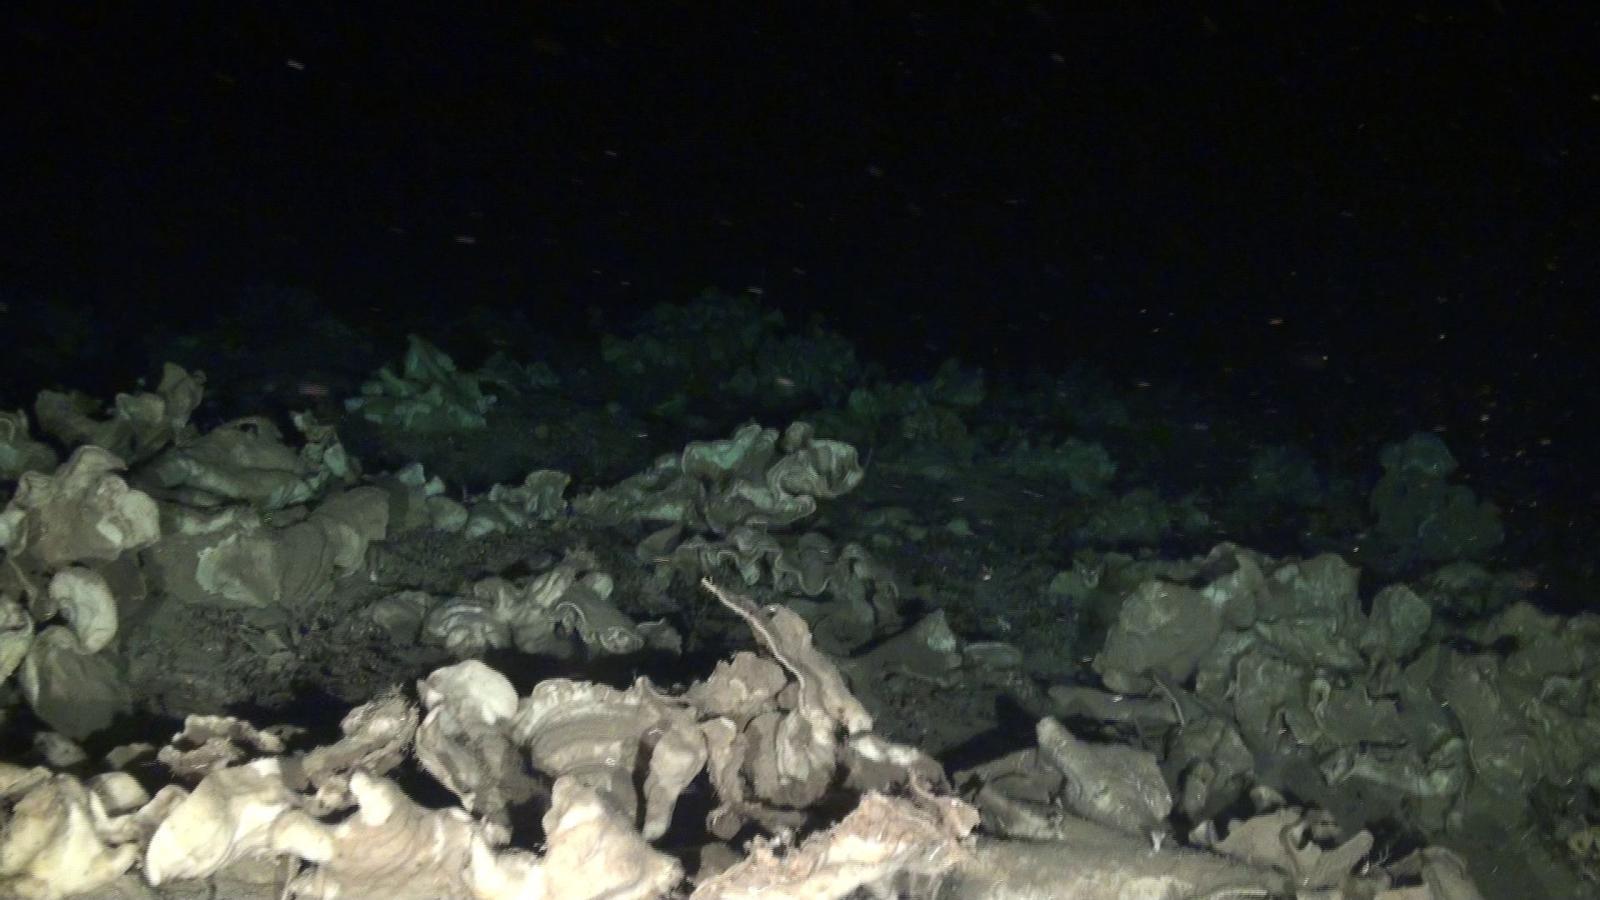 Les esponges pedra trobades per Oceana en zona de prospeccions petrolíferes